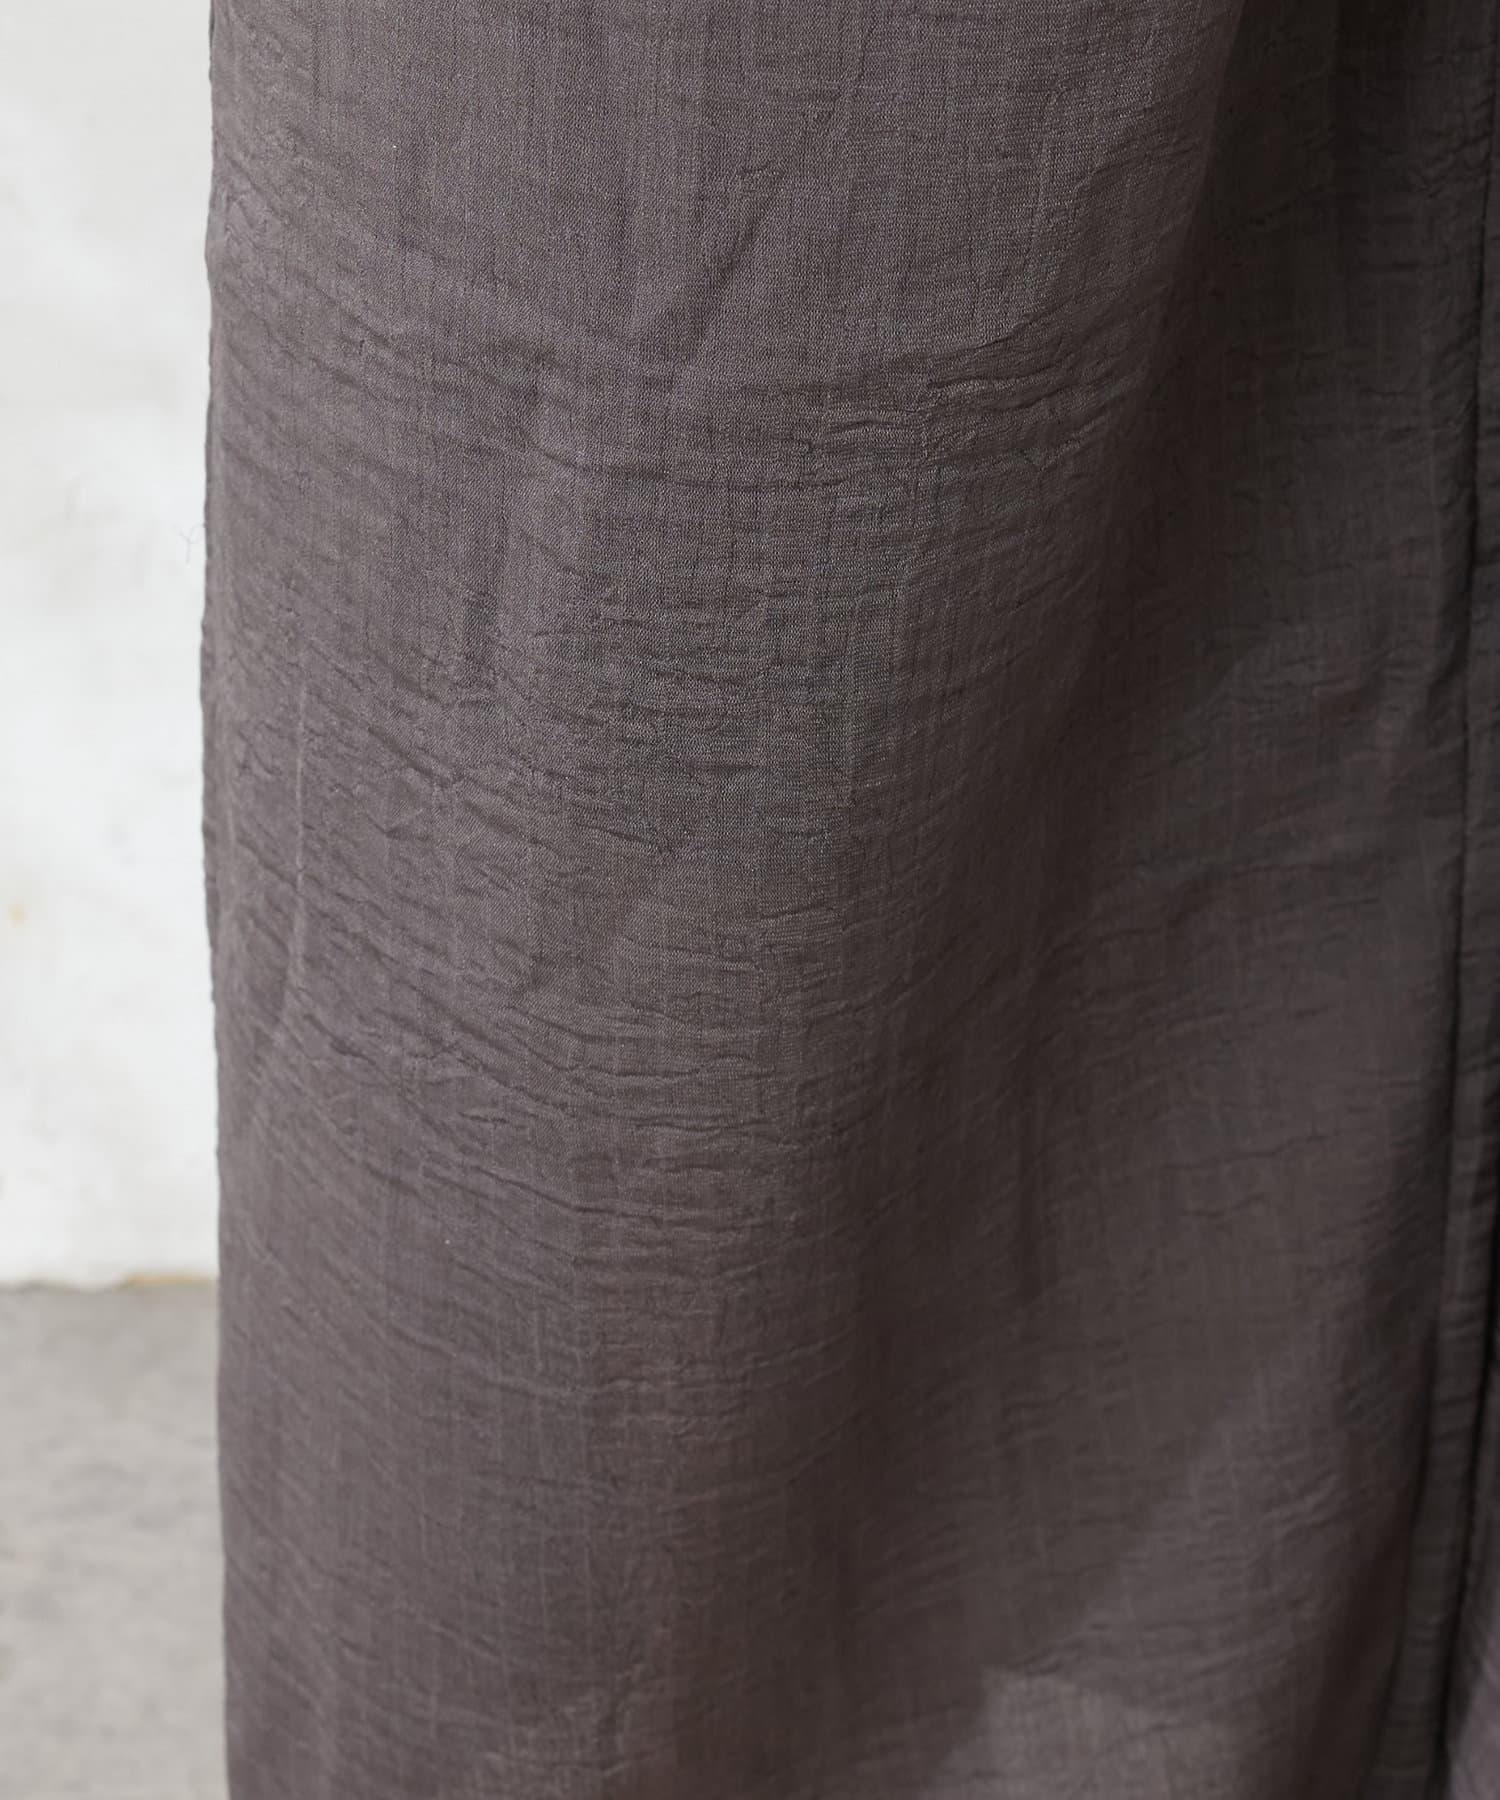 natural couture(ナチュラルクチュール) 【おうちナチュ】プリーツリラクシングパンツ